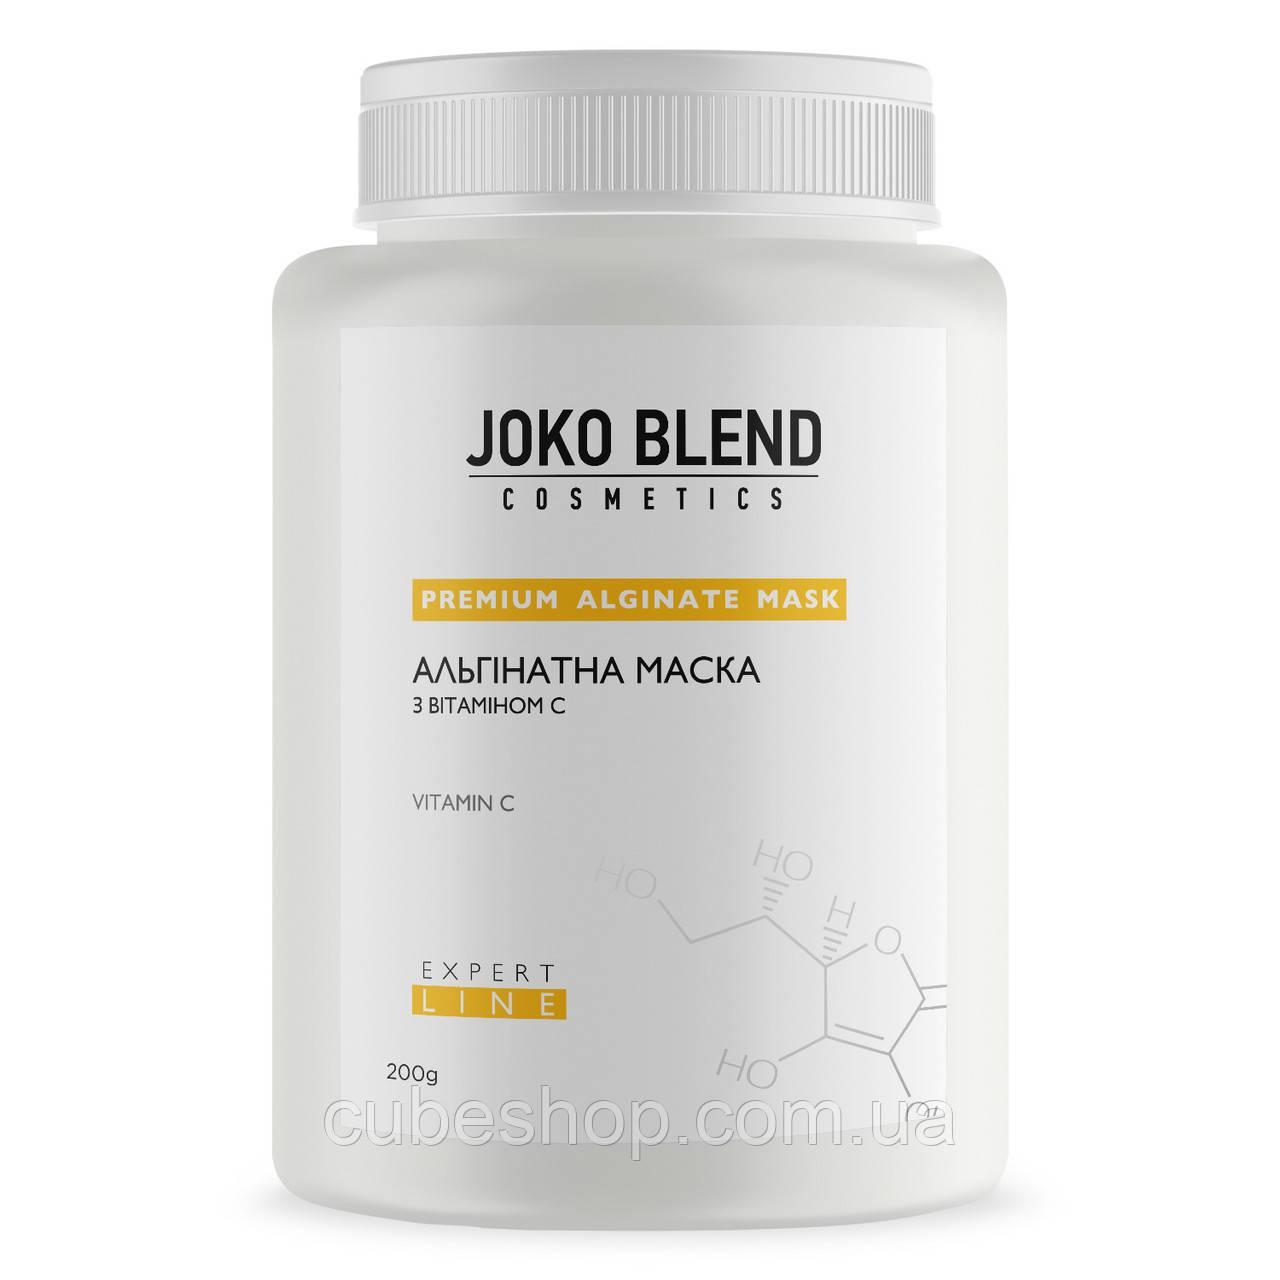 Альгинатная маска с витамином С, 200 гр